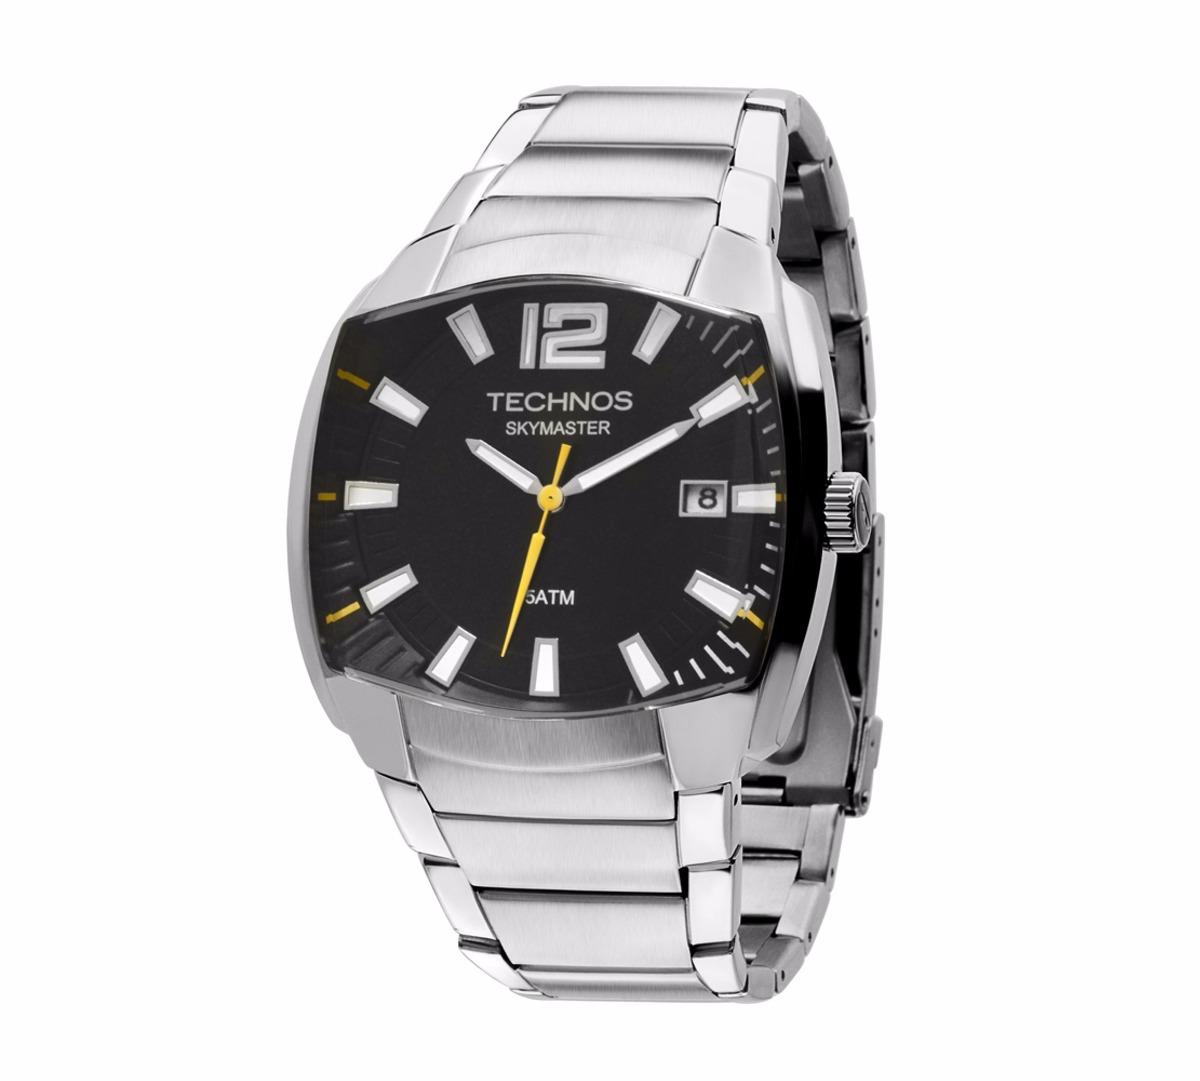 Relógio Technos Masculino Skymaster 2415bx 1p Aço - R  449,00 em Mercado  Livre fd7040617e